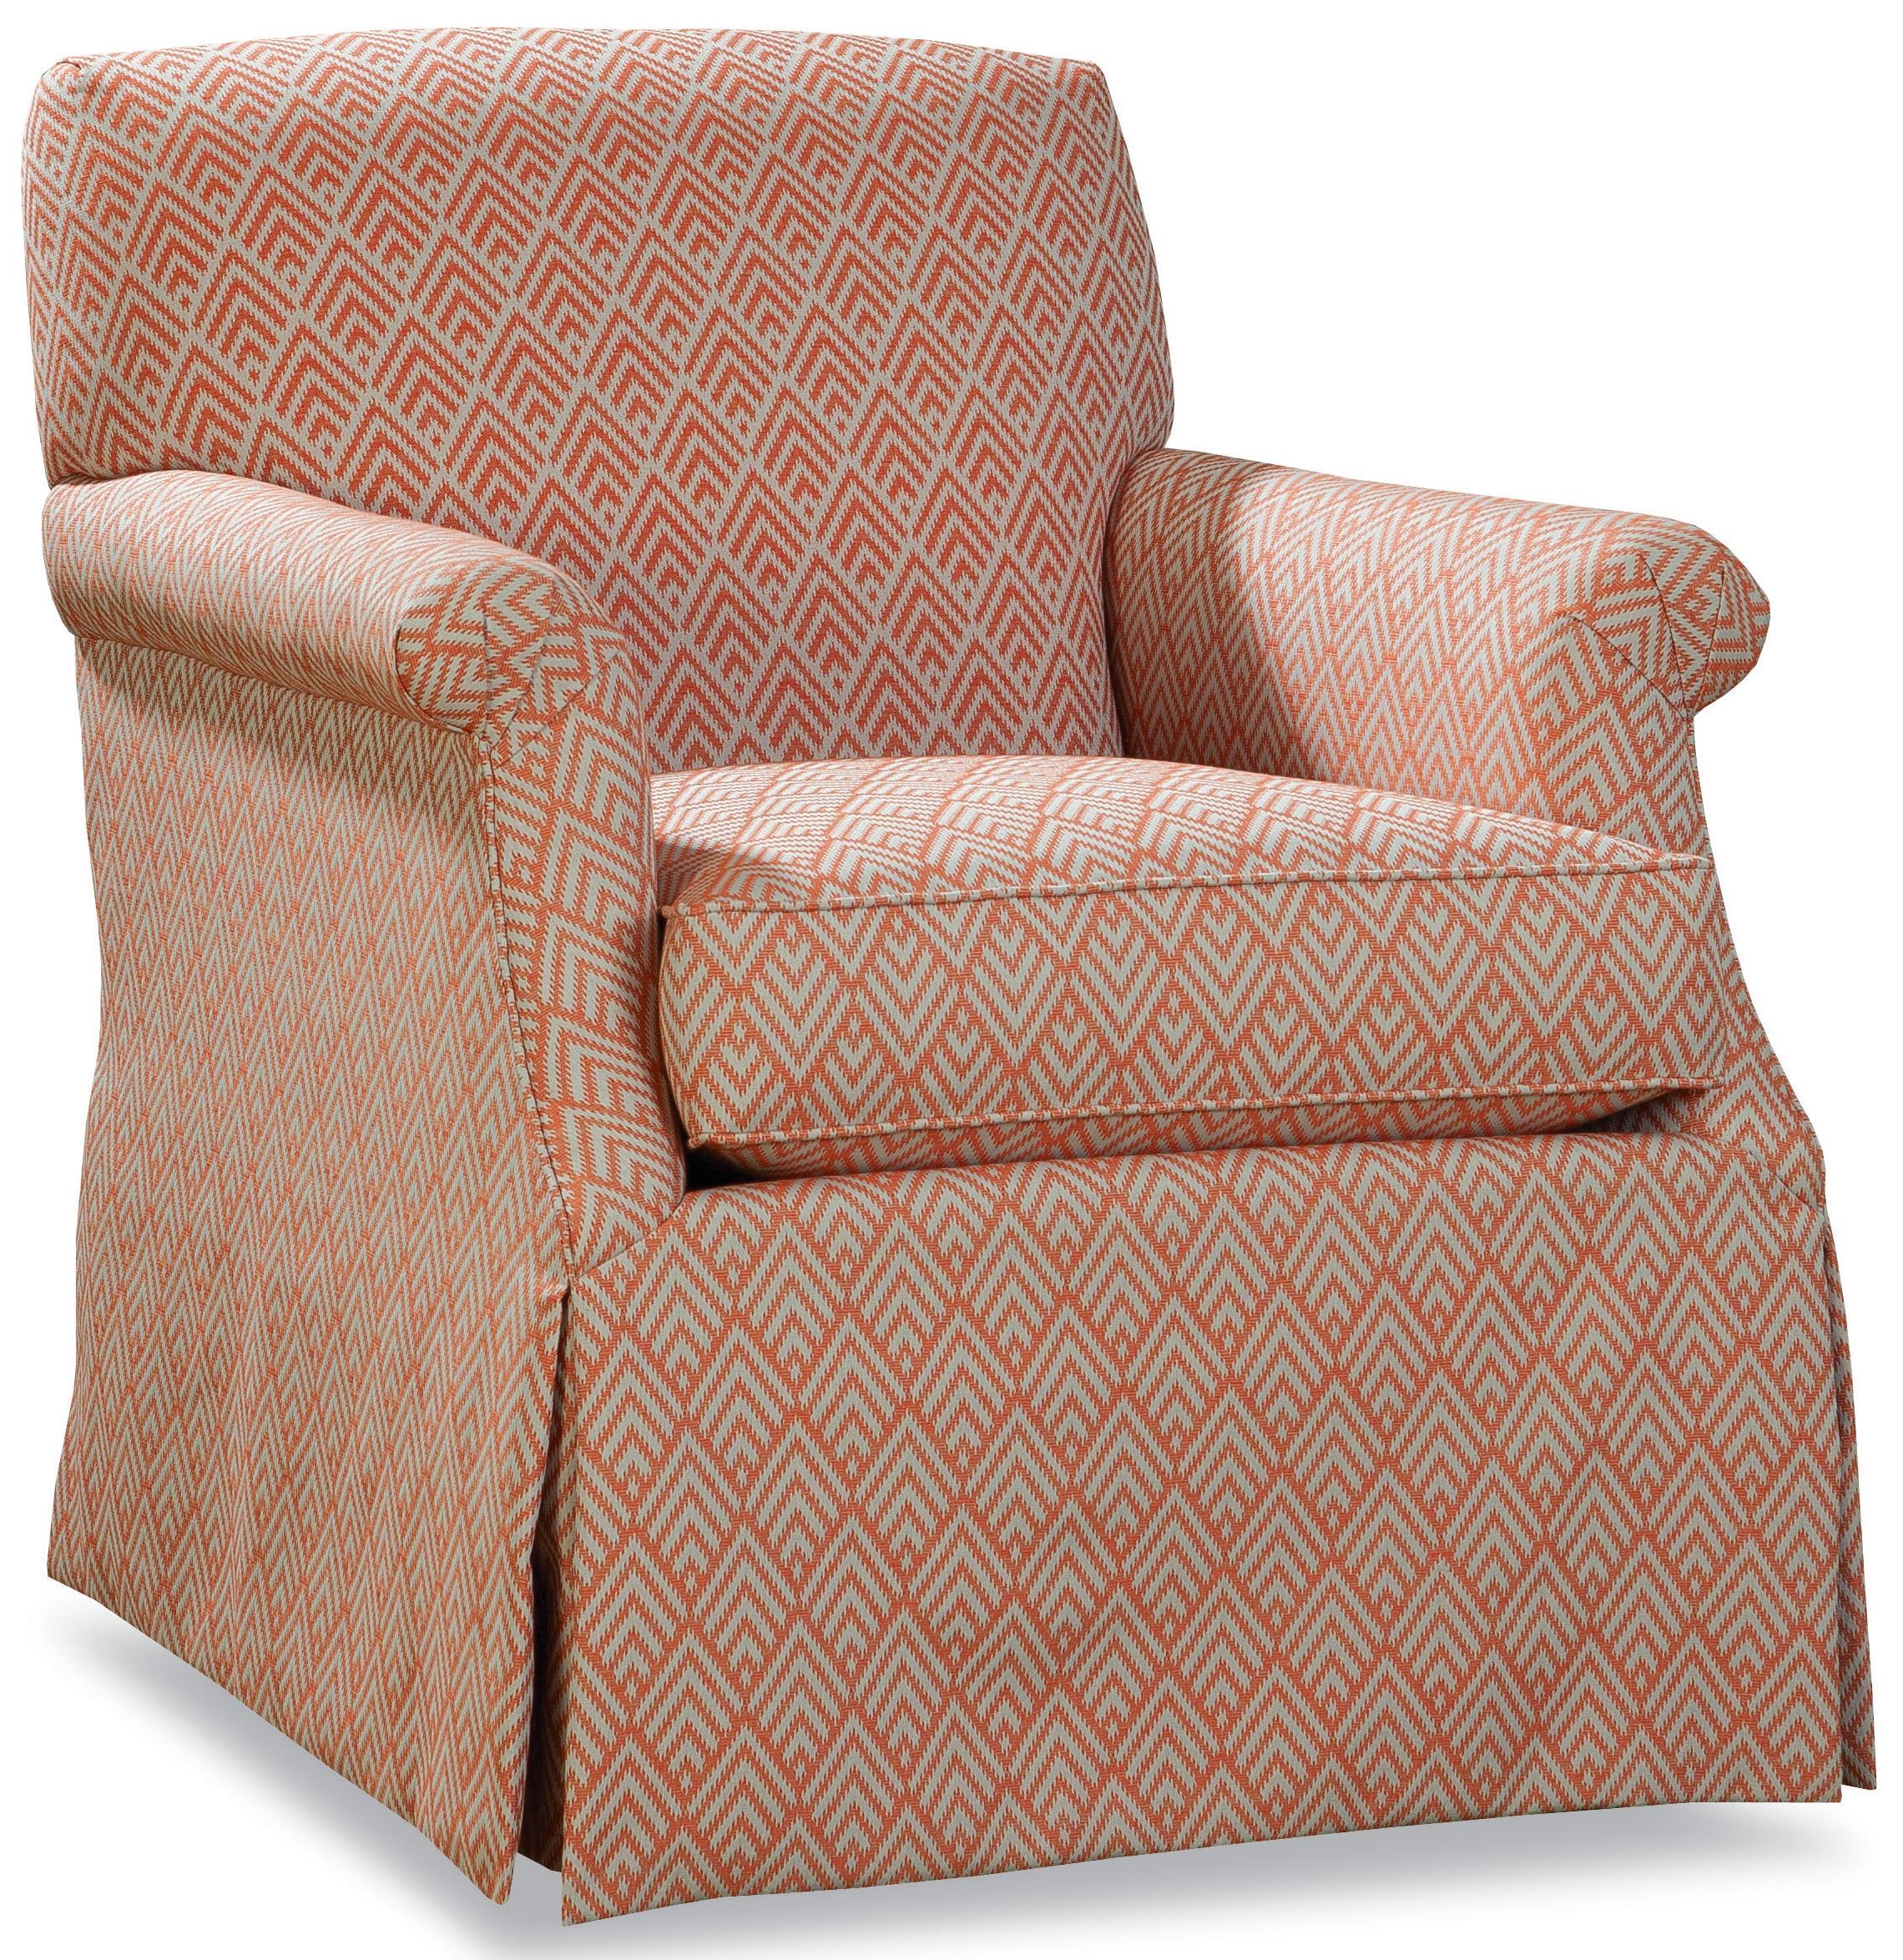 3372 Swivel Glider Chair by Geoffrey Alexander at Sprintz Furniture